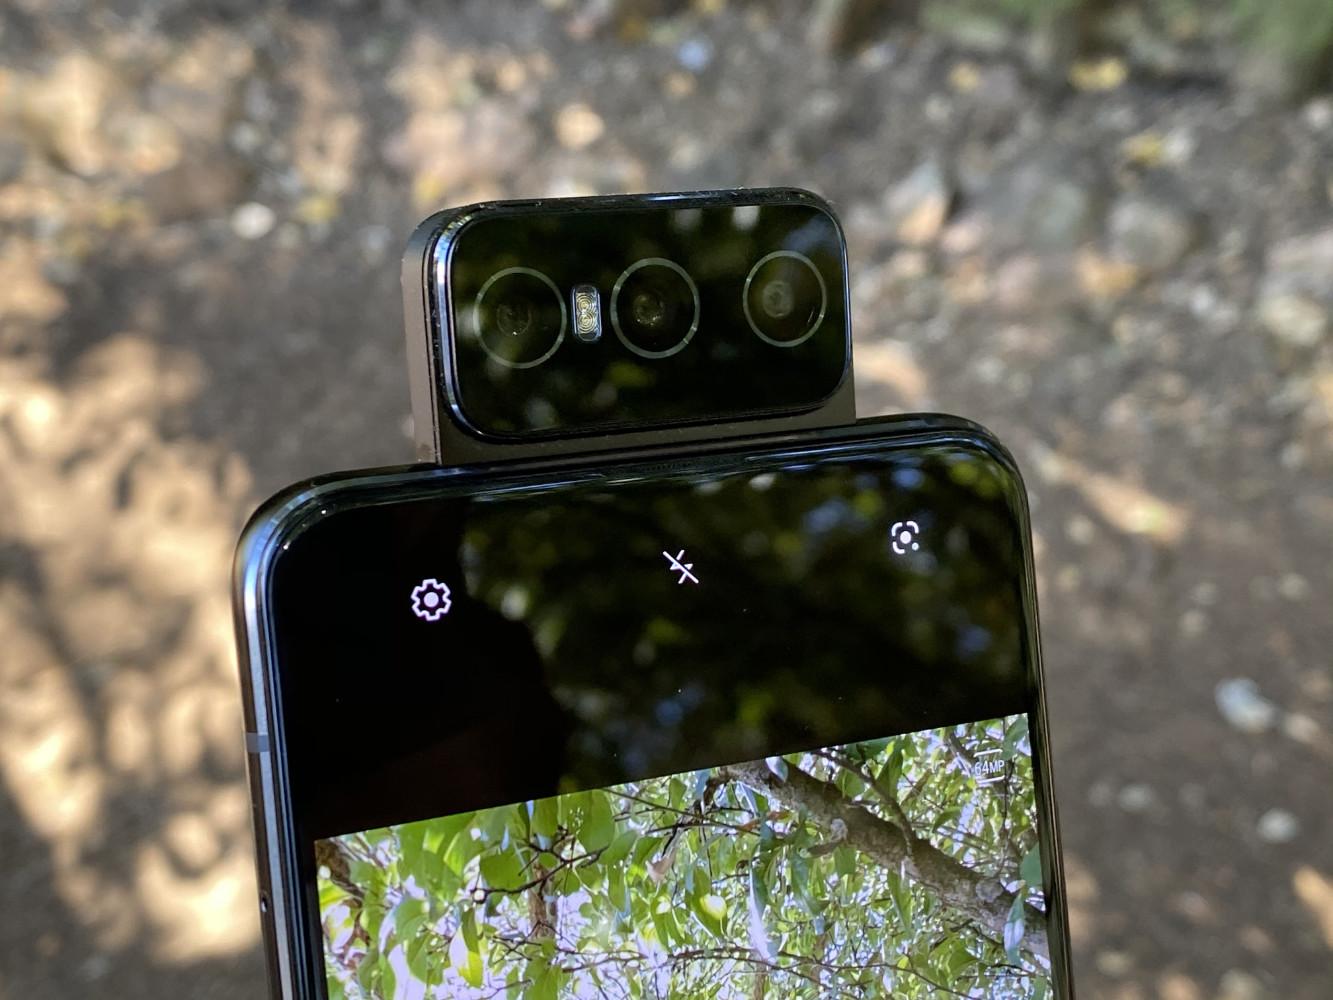 Kelebihan dan Kekurangan Asus Zenfone 7 Pro